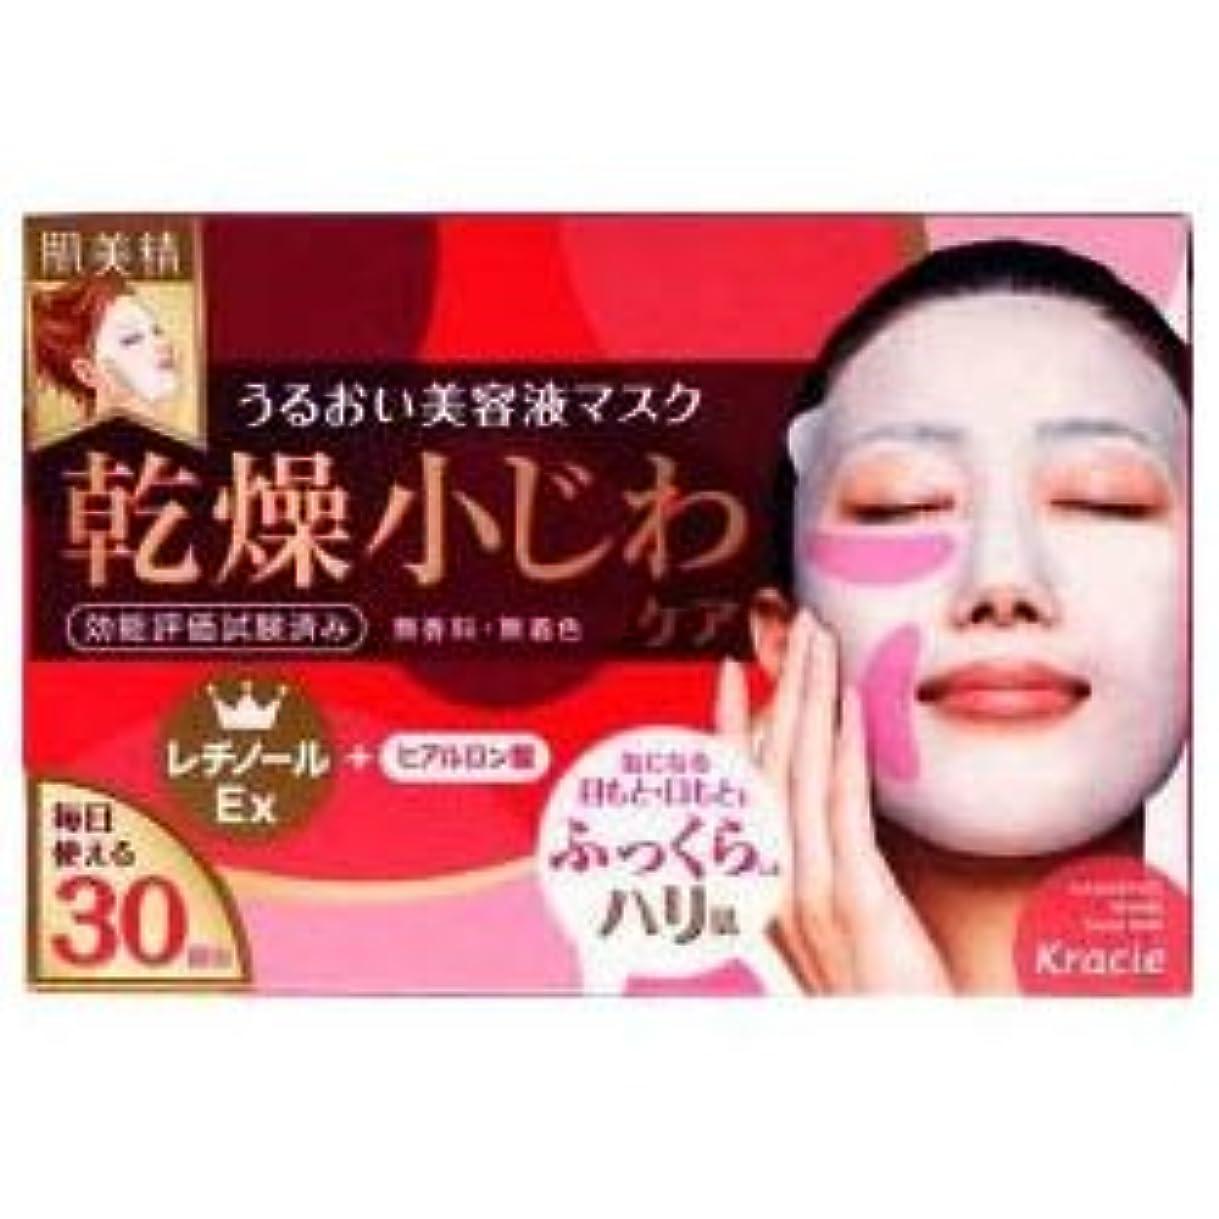 崖大統領お酒【クラシエ】肌美精 デイリーリンクルケア美容液マスク 30枚 ×10個セット